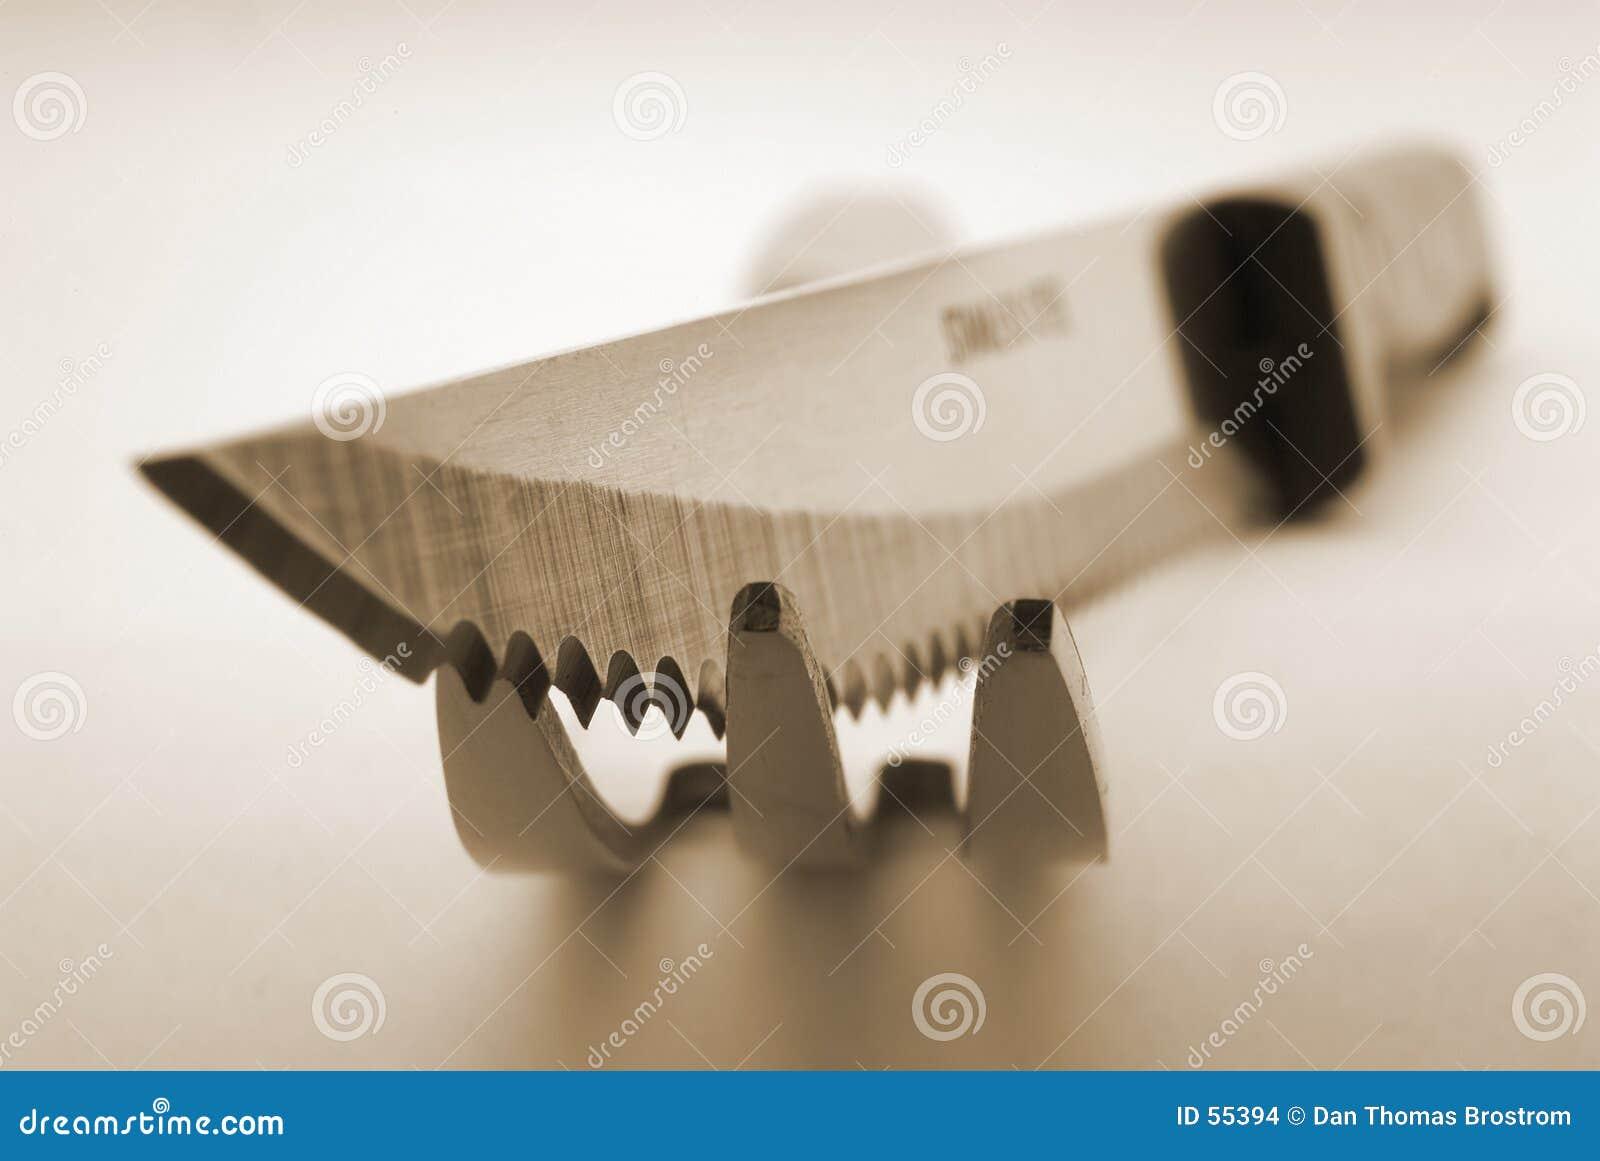 Fork y cuchillo